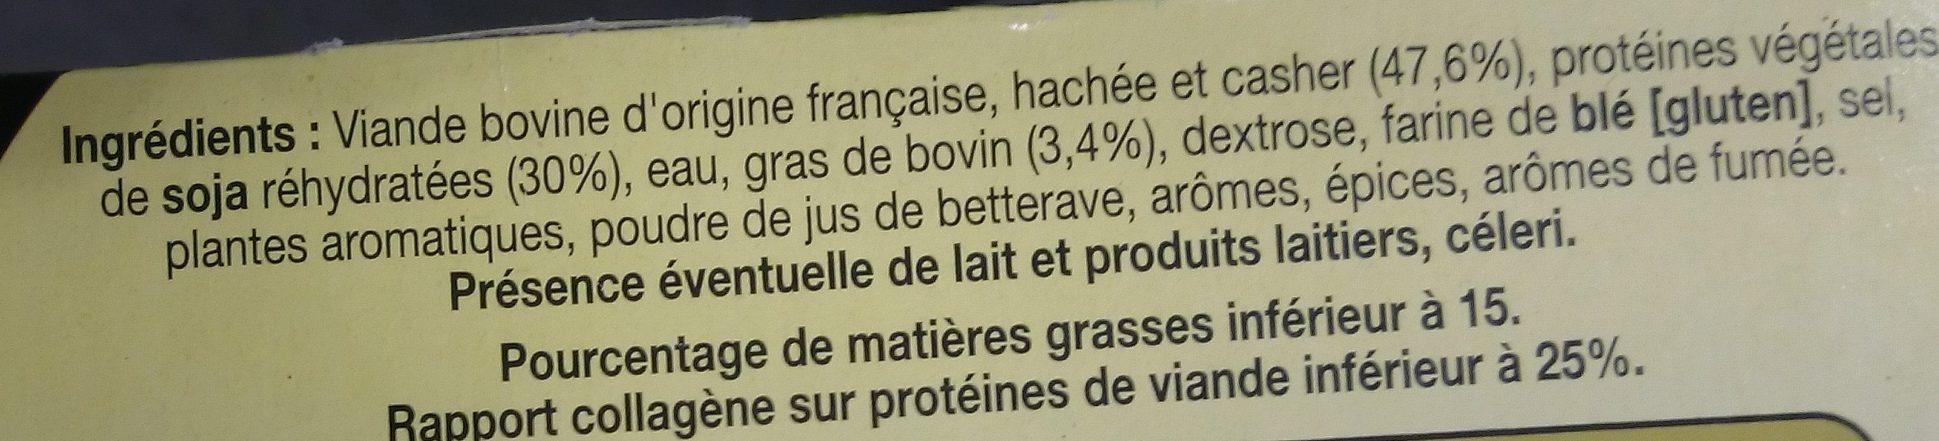 10 Burgers Casher Surgelés - Ingredienti - fr